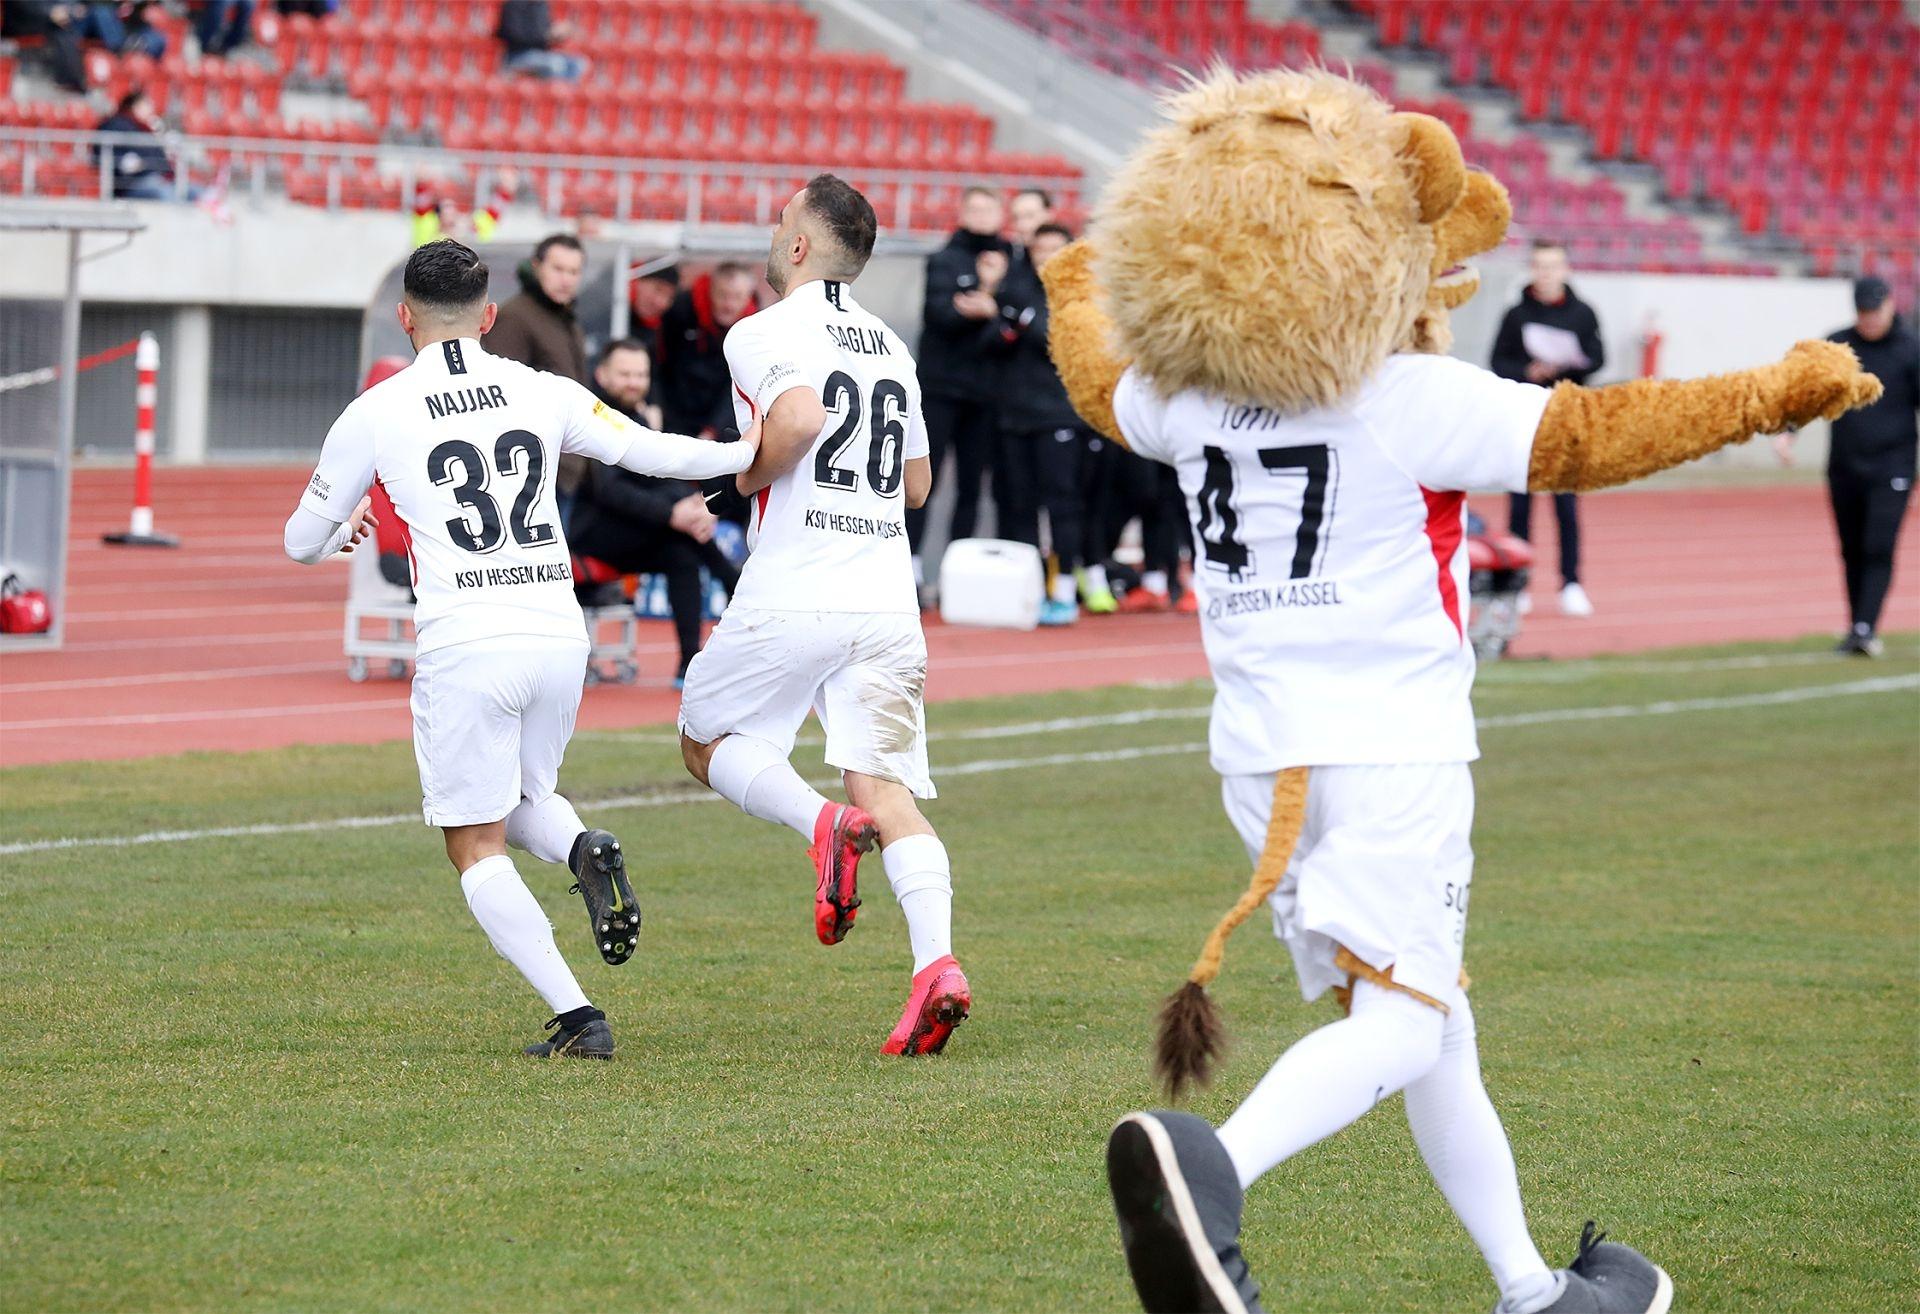 Wahnsinn - Die Löwen sind zurück in der Regionalliga!